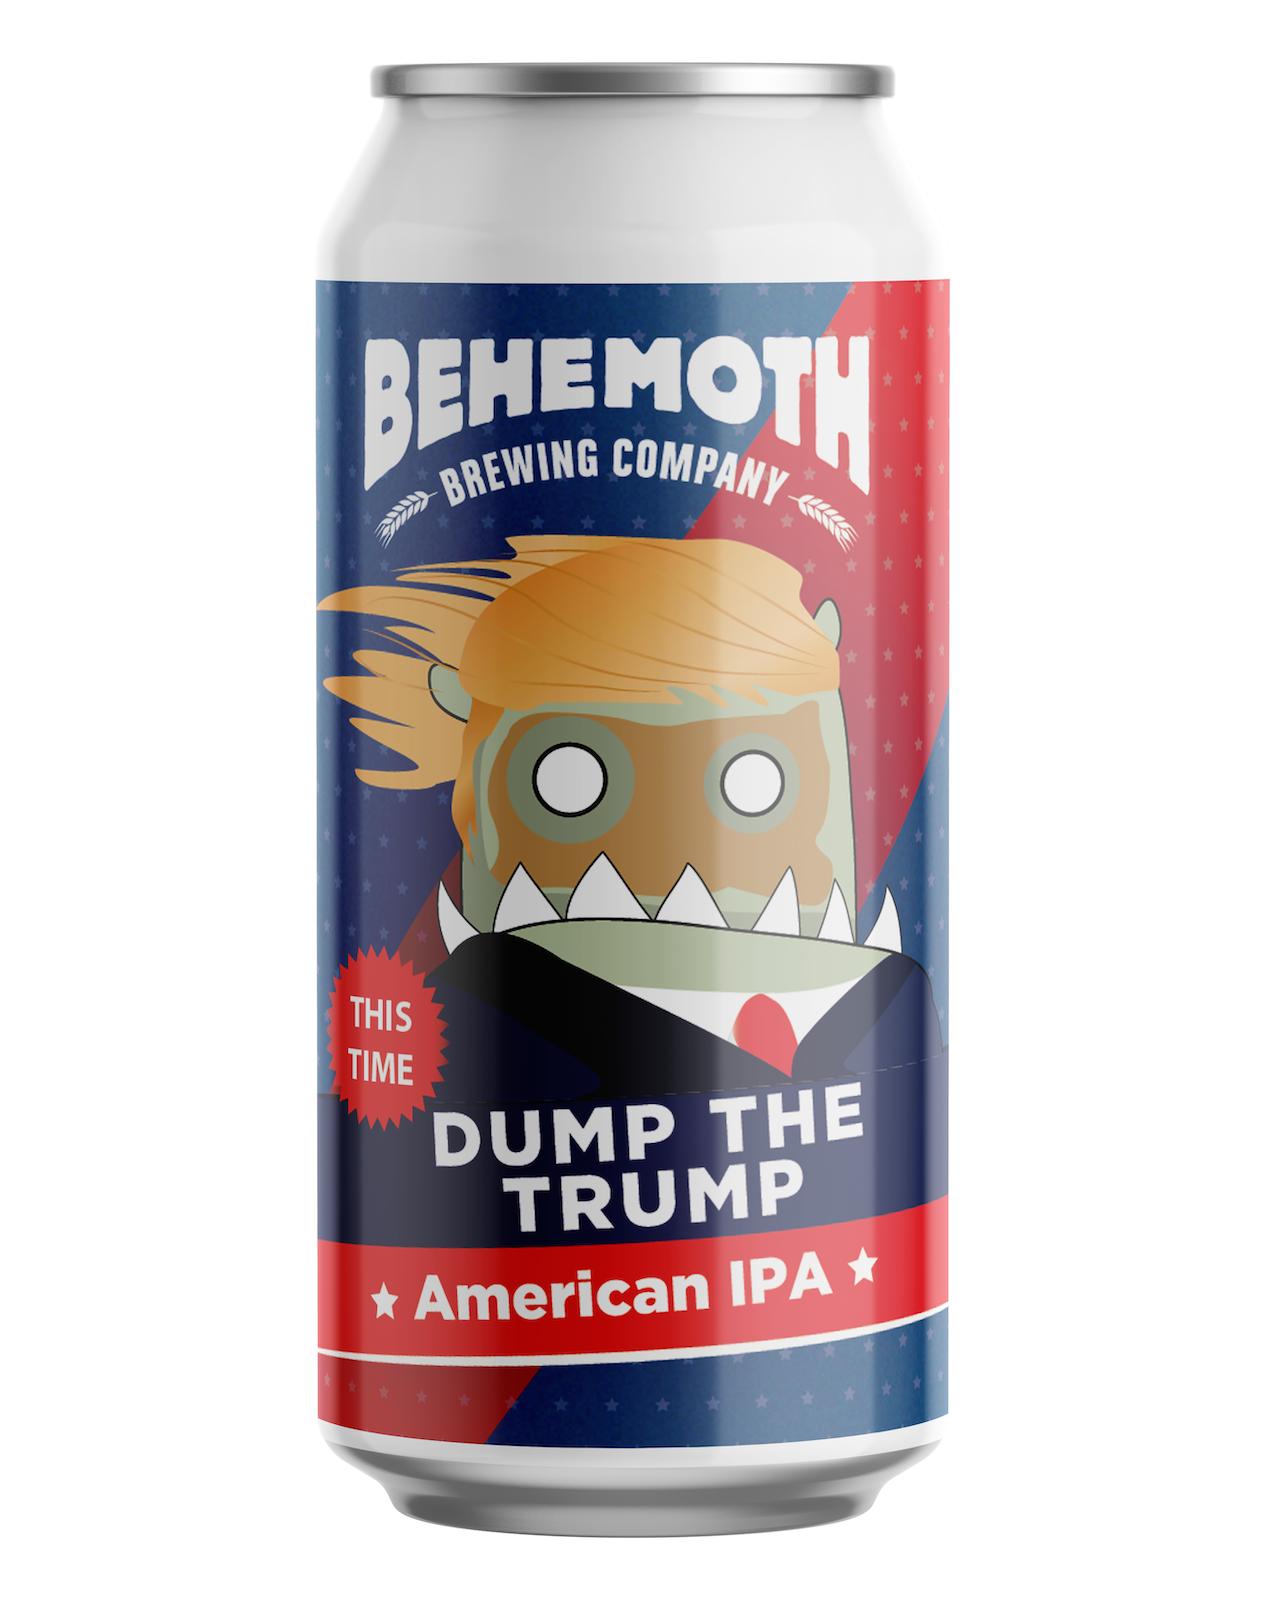 Dump The Trump (Again)